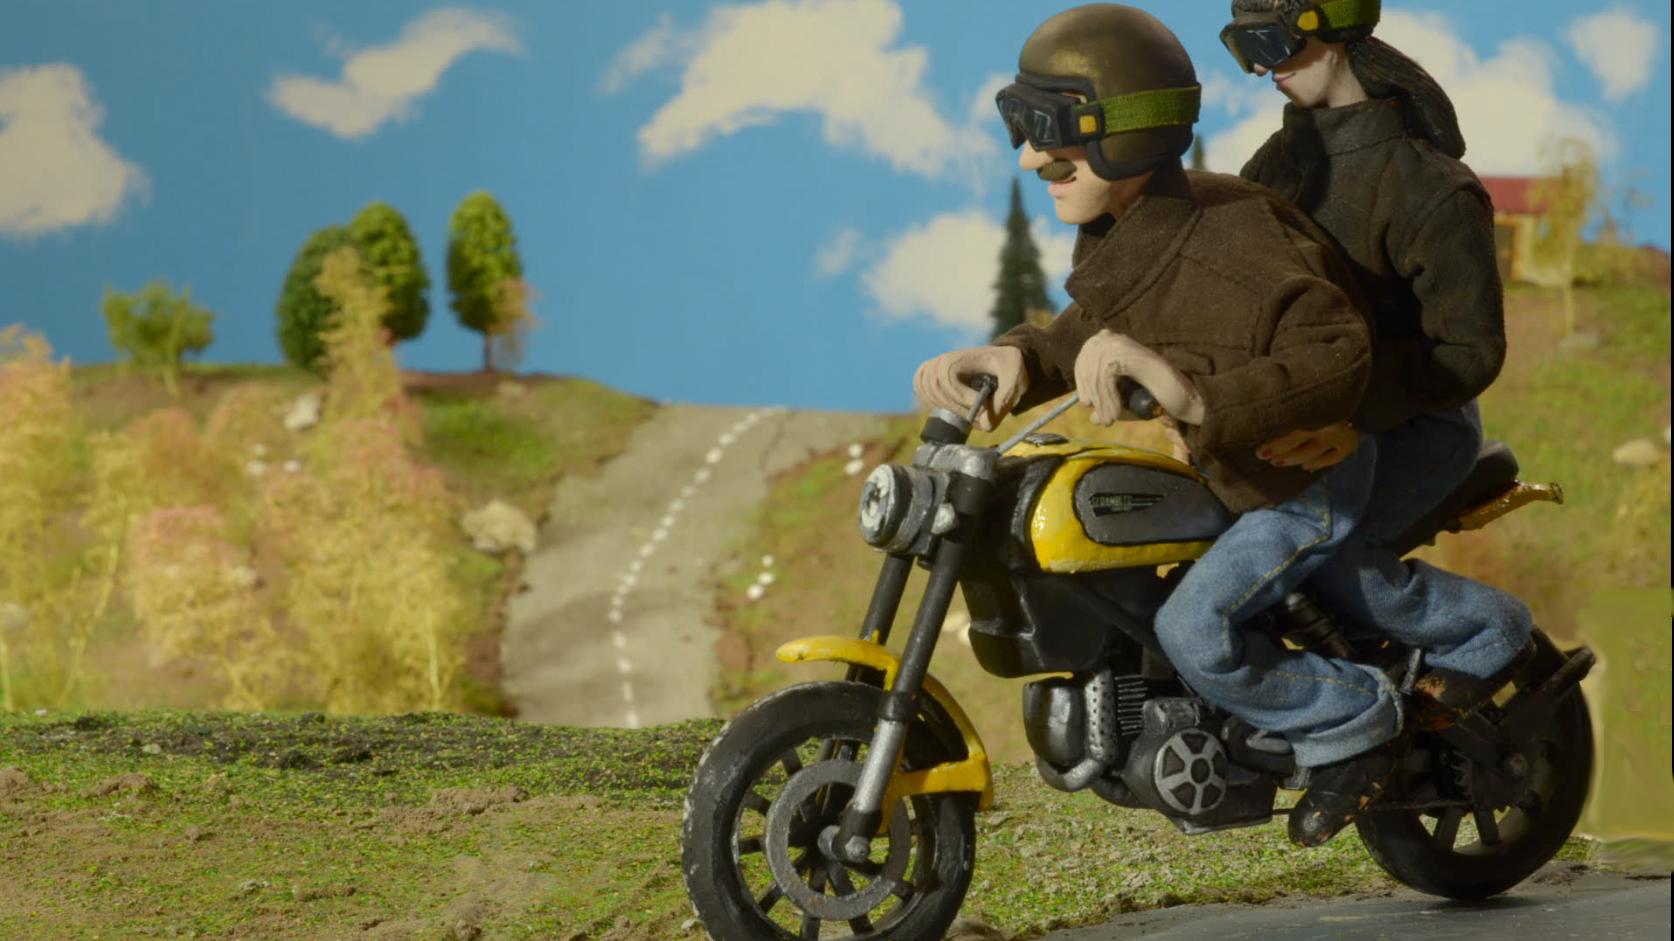 Ducati Scrambler: preview in video